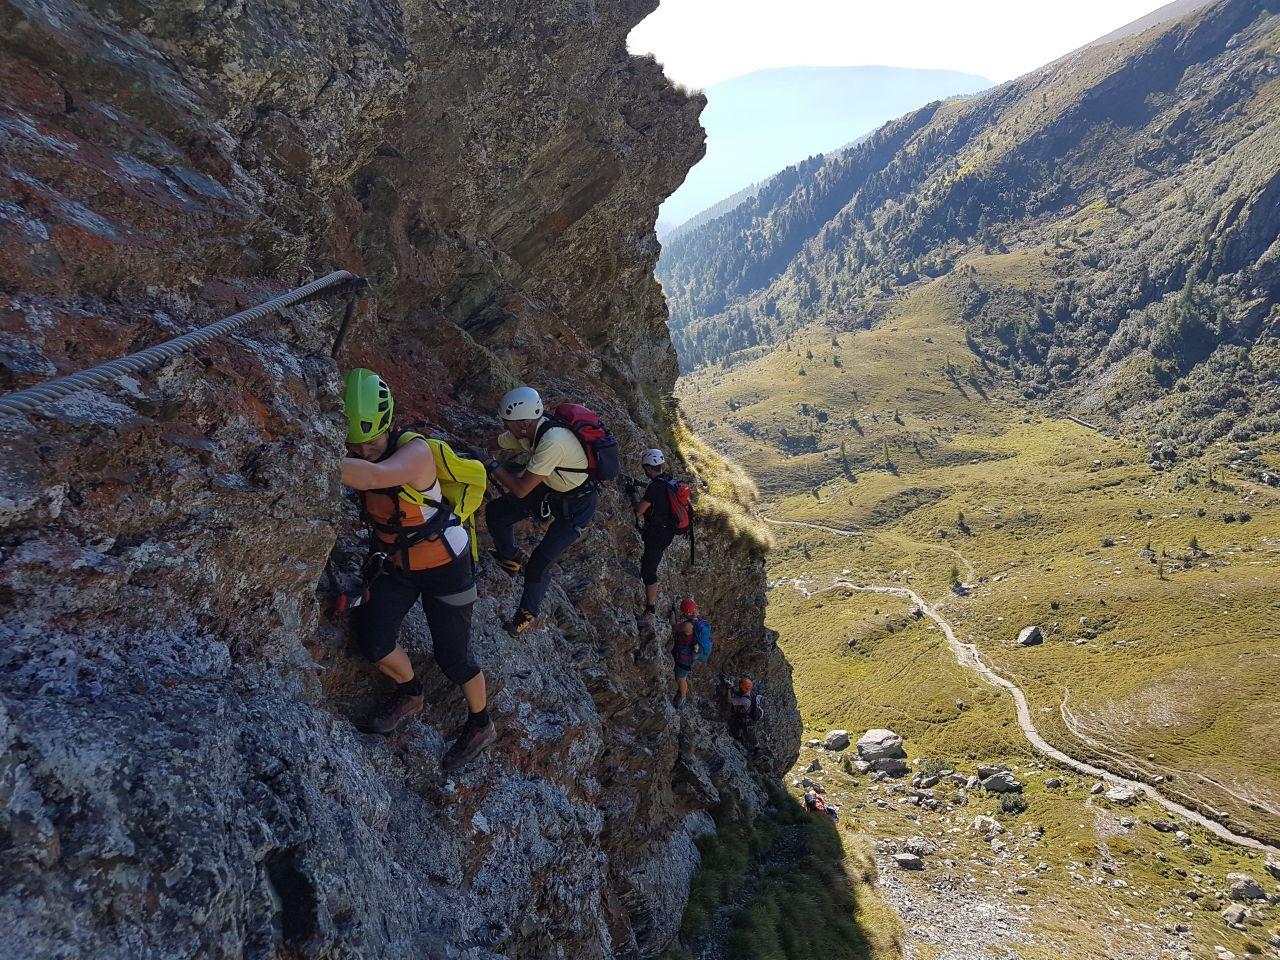 Klettersteig Falkert : Falken klettersteig auf den falkert in kärnten alpenverein